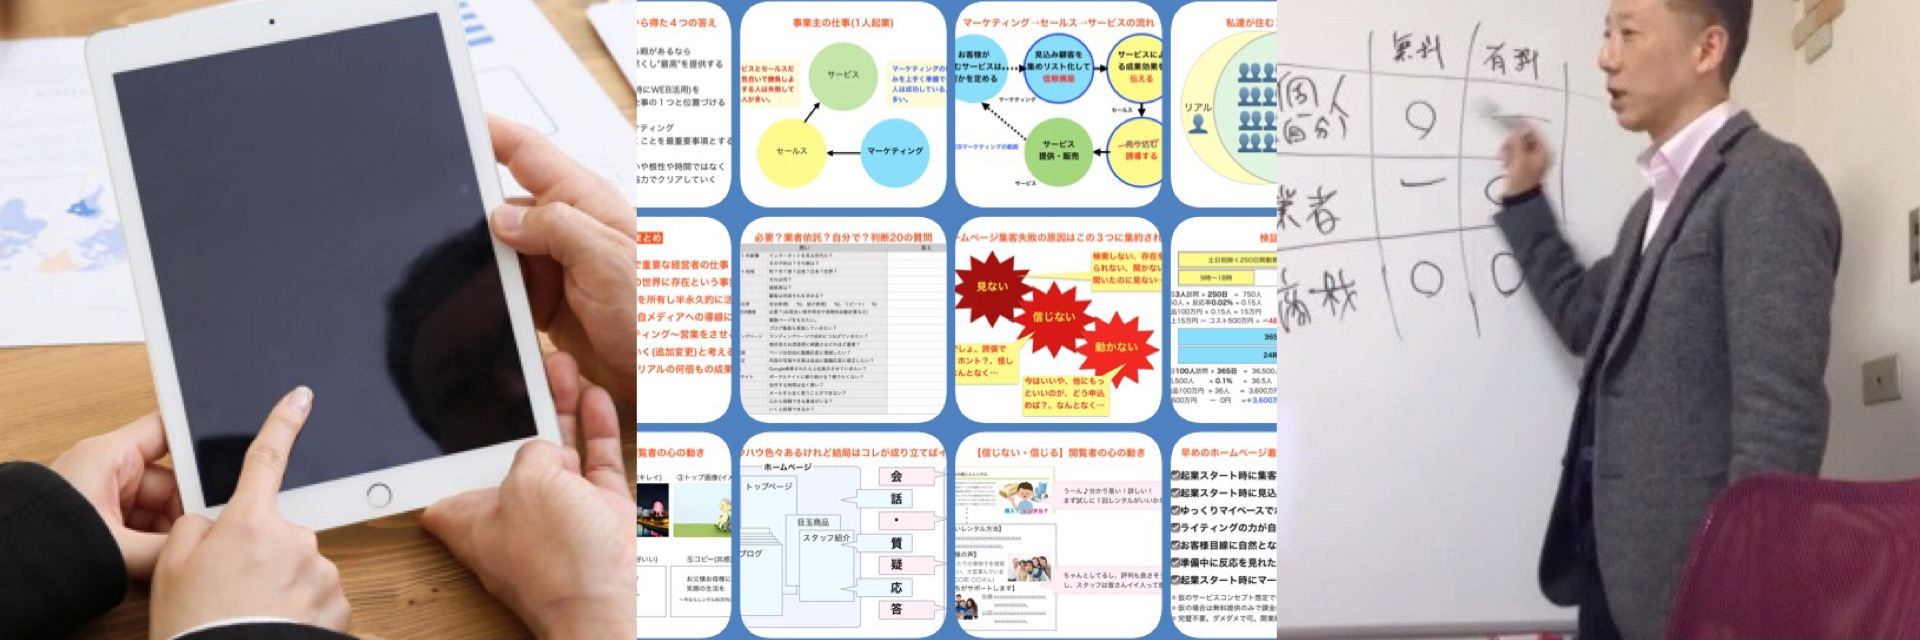 集客ホームページ作成講座初心者セミナー横浜神奈川おすすめ